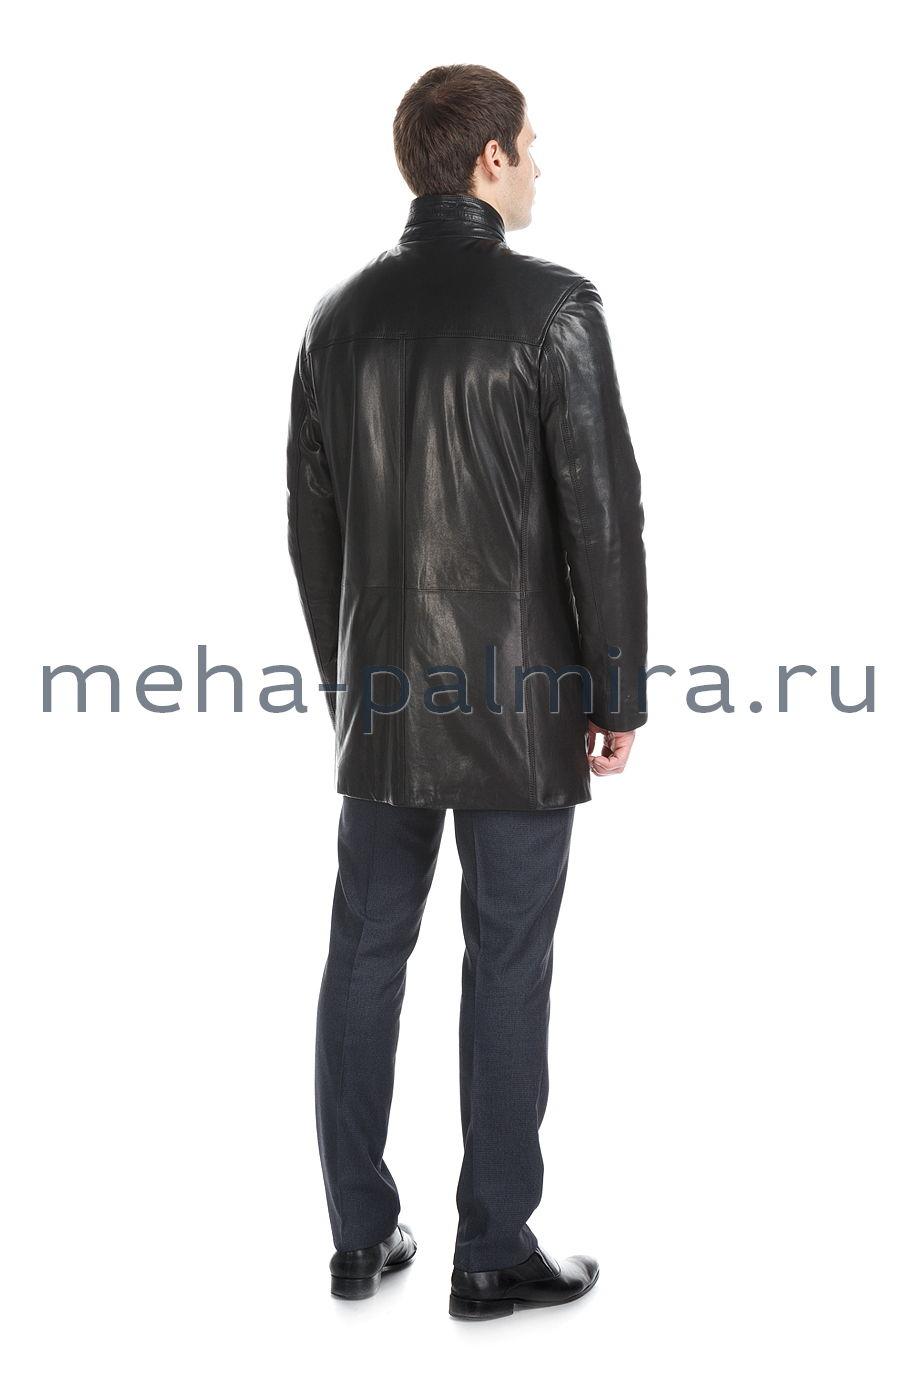 Кожаный френч с воротником-стойкой, черный цвет